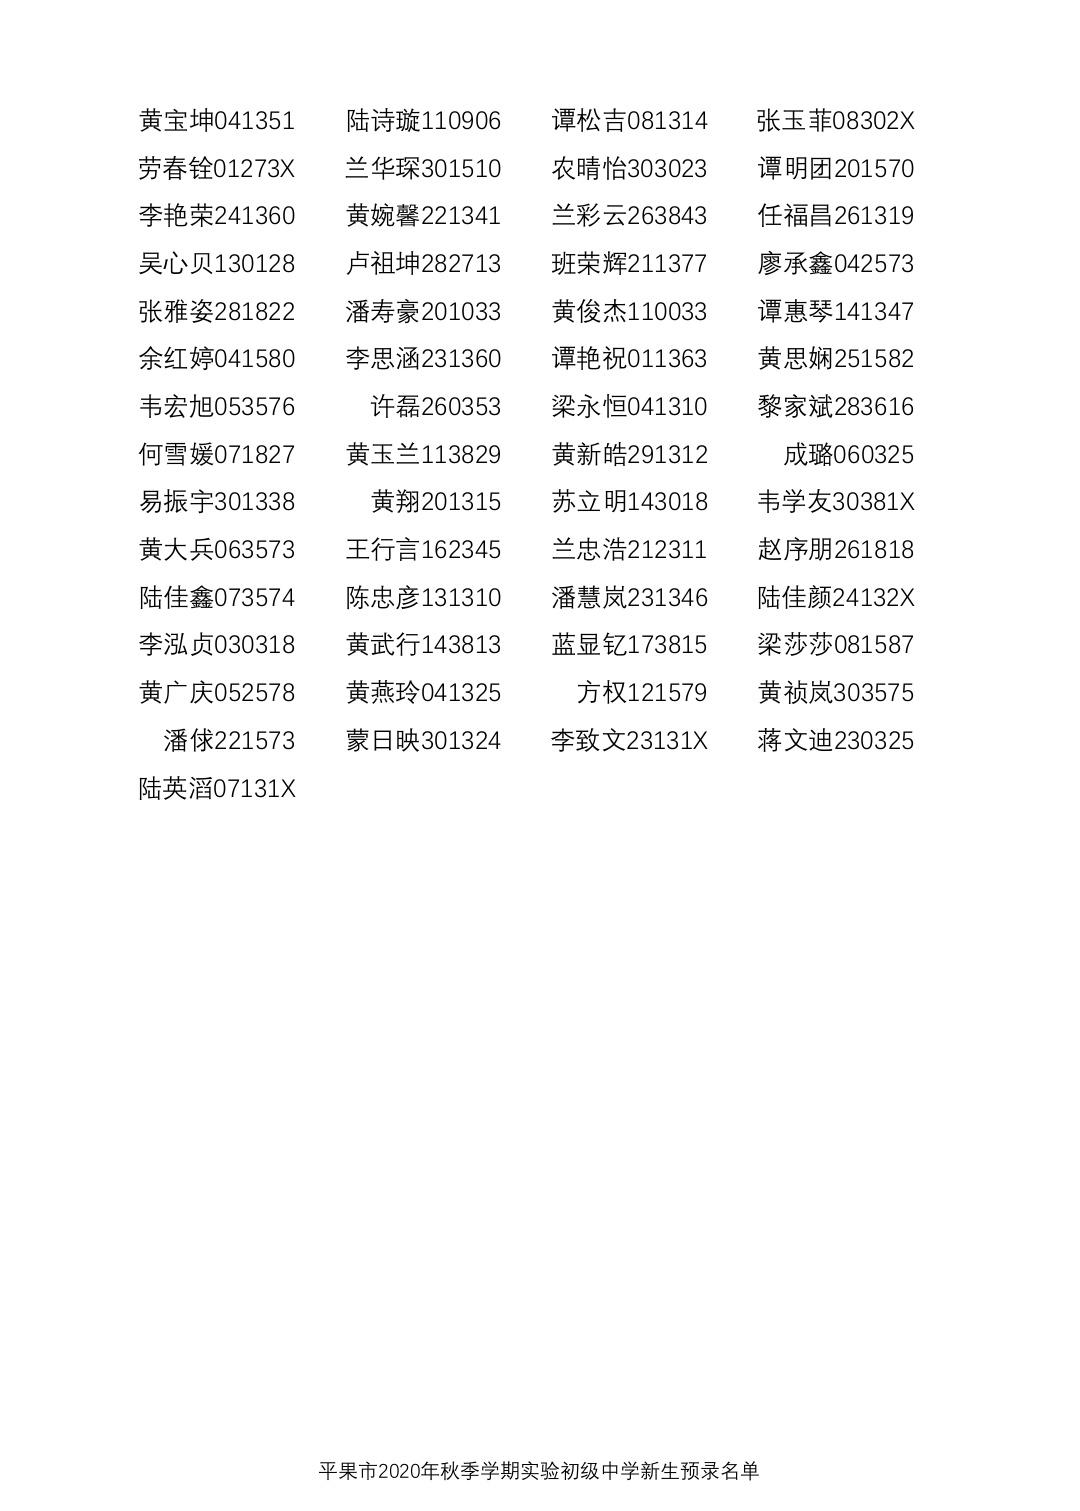 微信图片_20200730081626.jpg